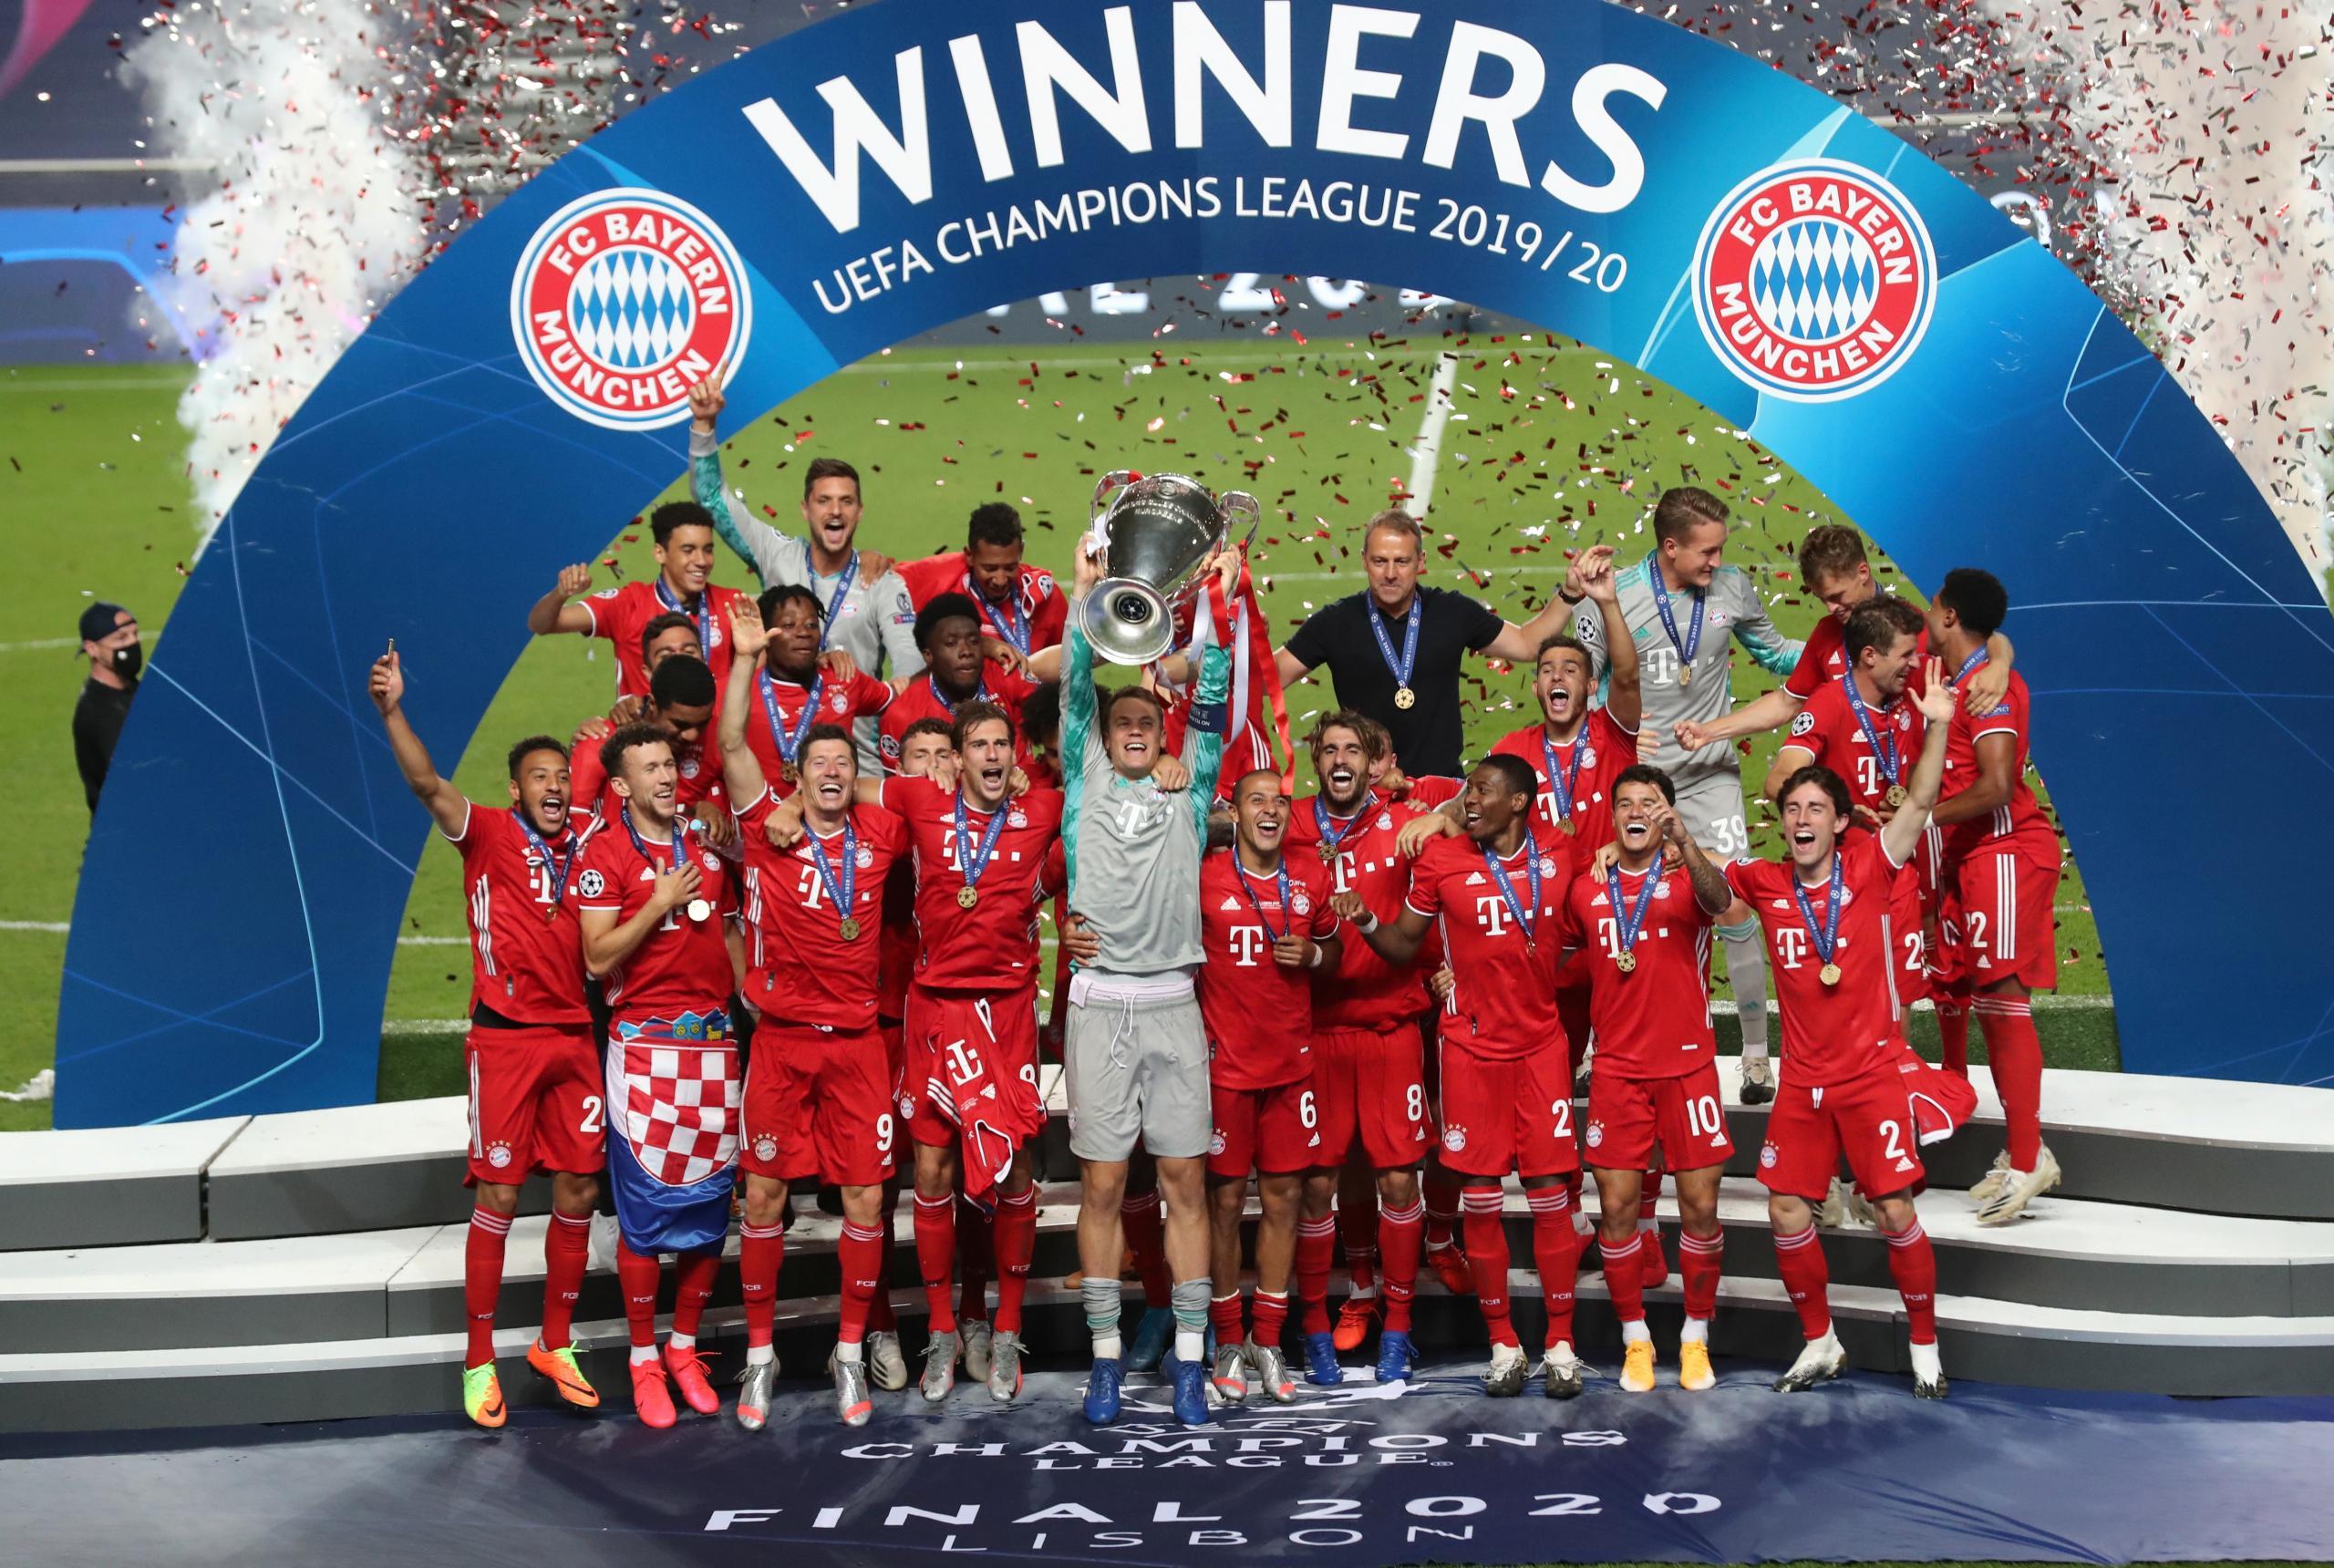 بايرن ميونيخ يحرز كأس دوري أبطال الأندية الأوروبية للمرة السادسة في تاريخه بعد تغلبه على باريس سان جيرمان في المباراة النهائية بالعاصمة البرتغالية لشبونة